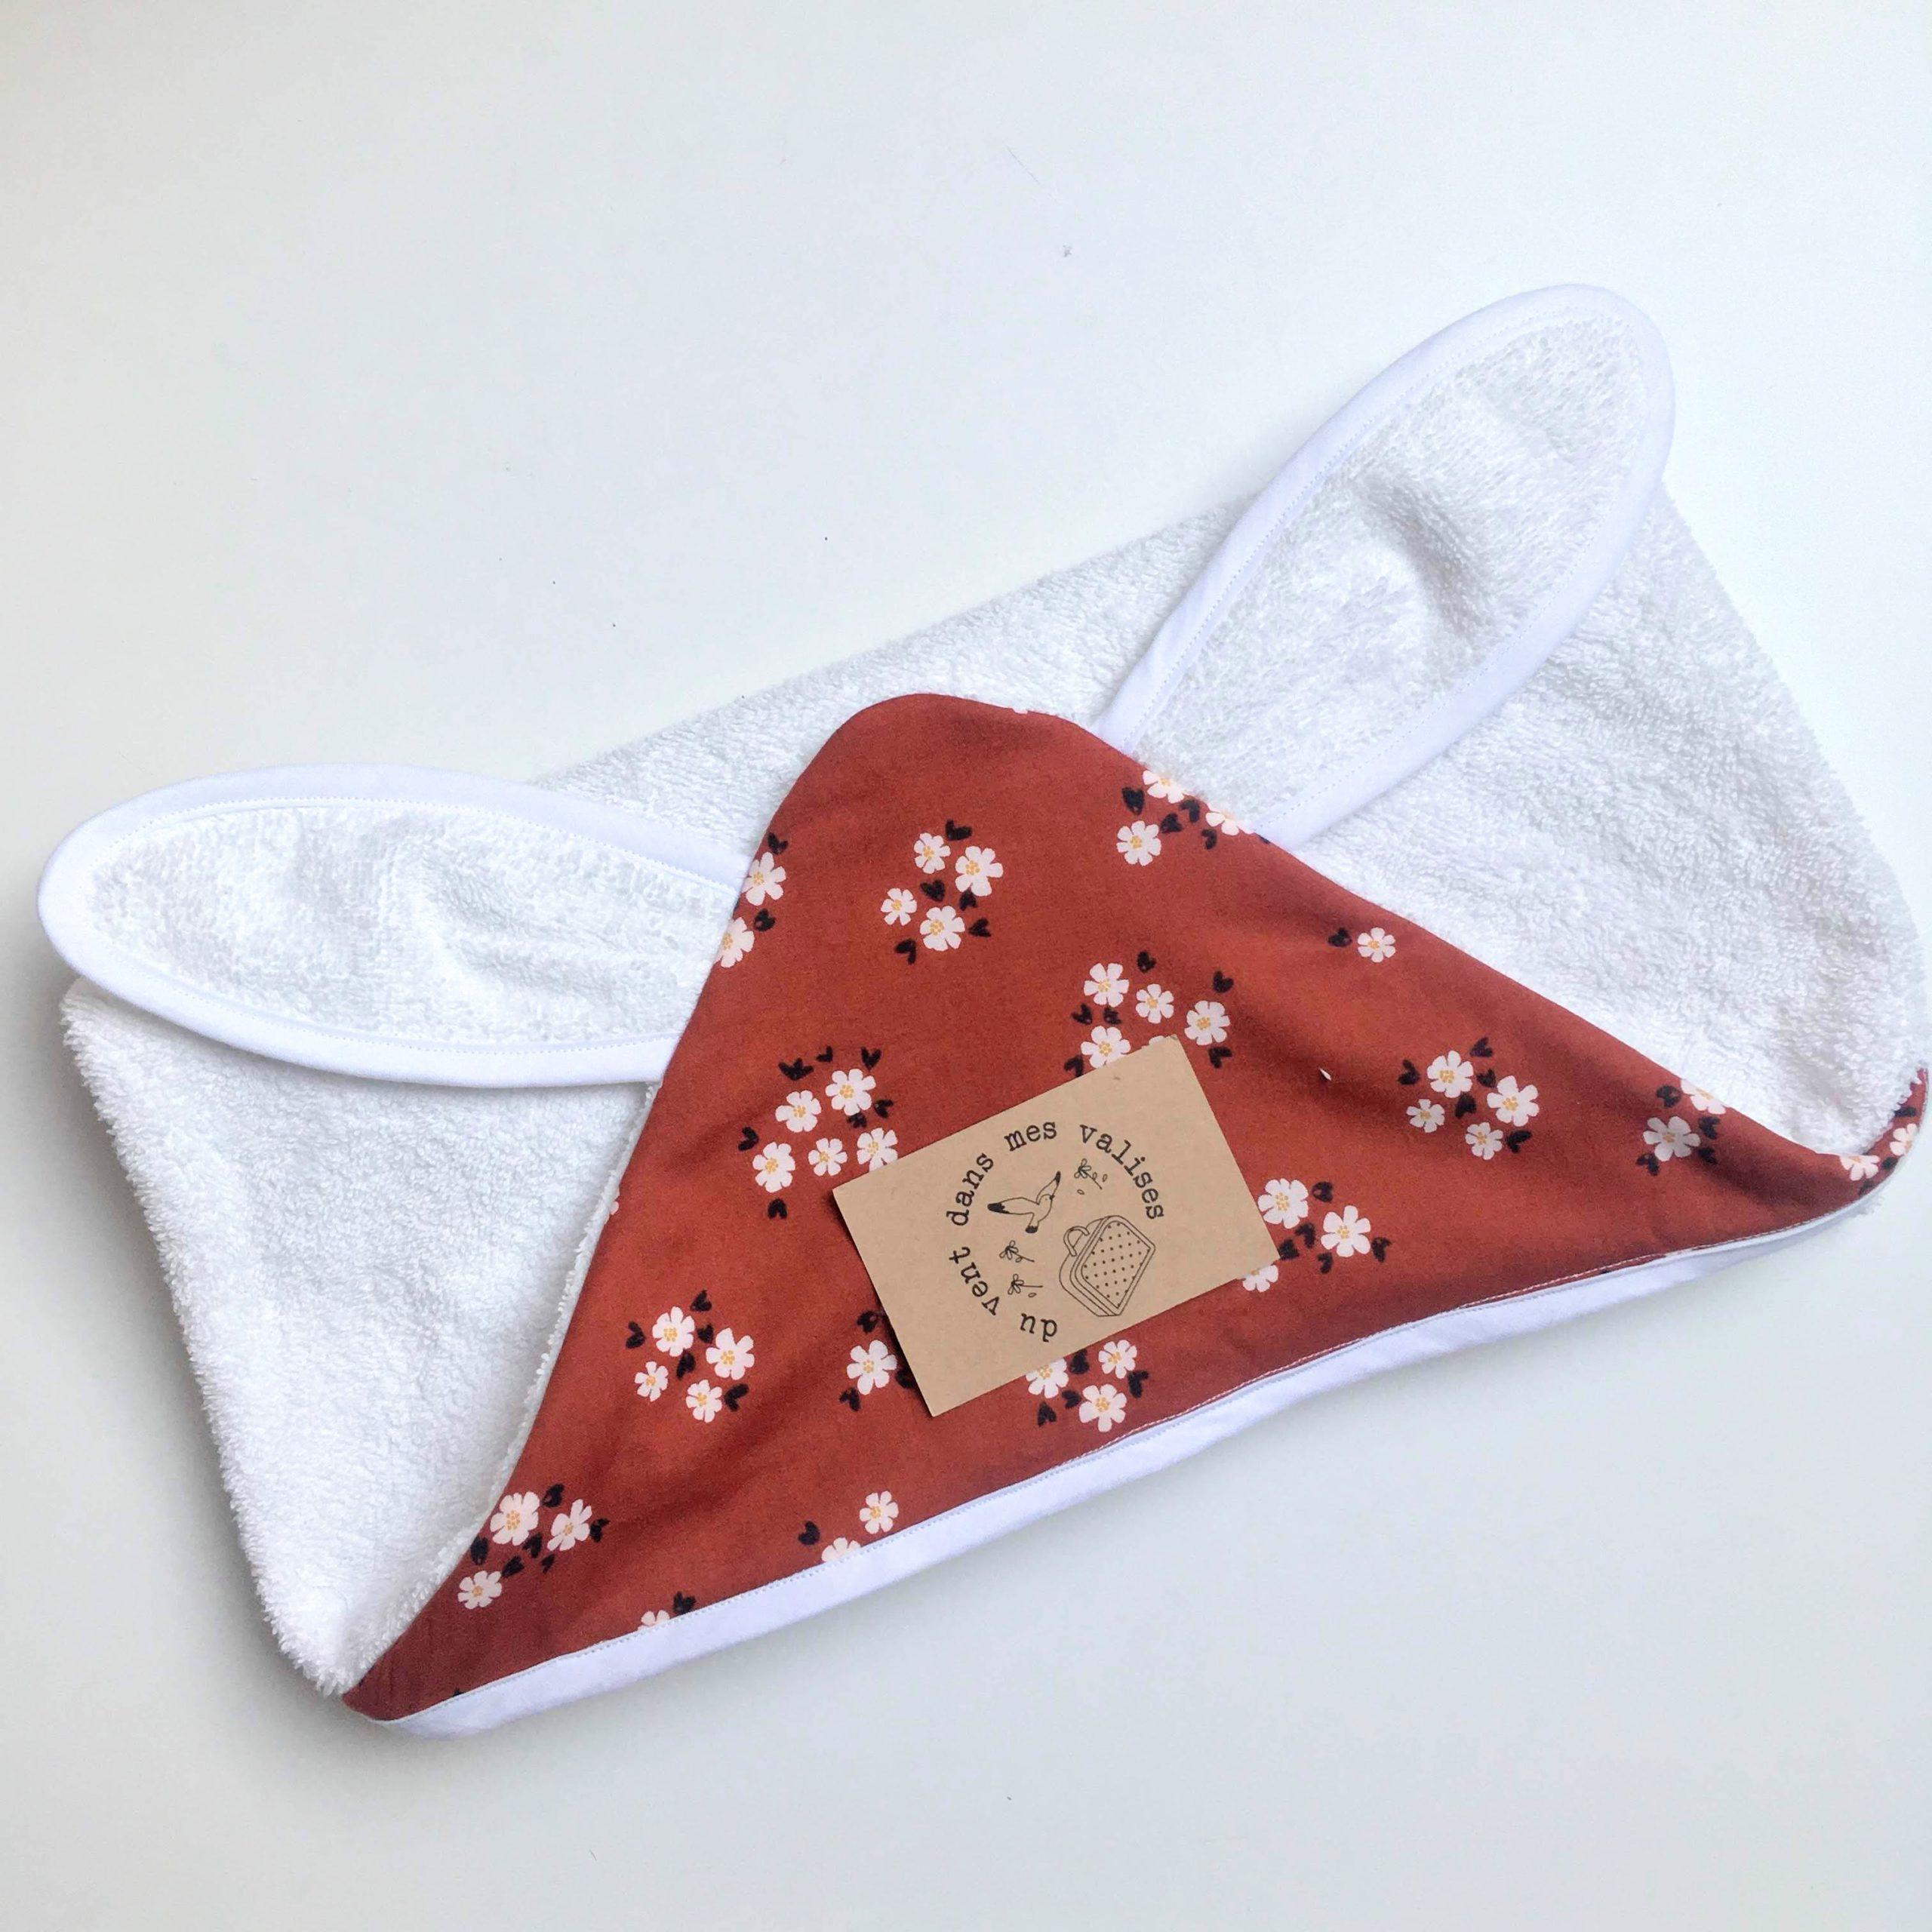 du vent dans mes valises - cape de bain bébé fleurs boho made in France